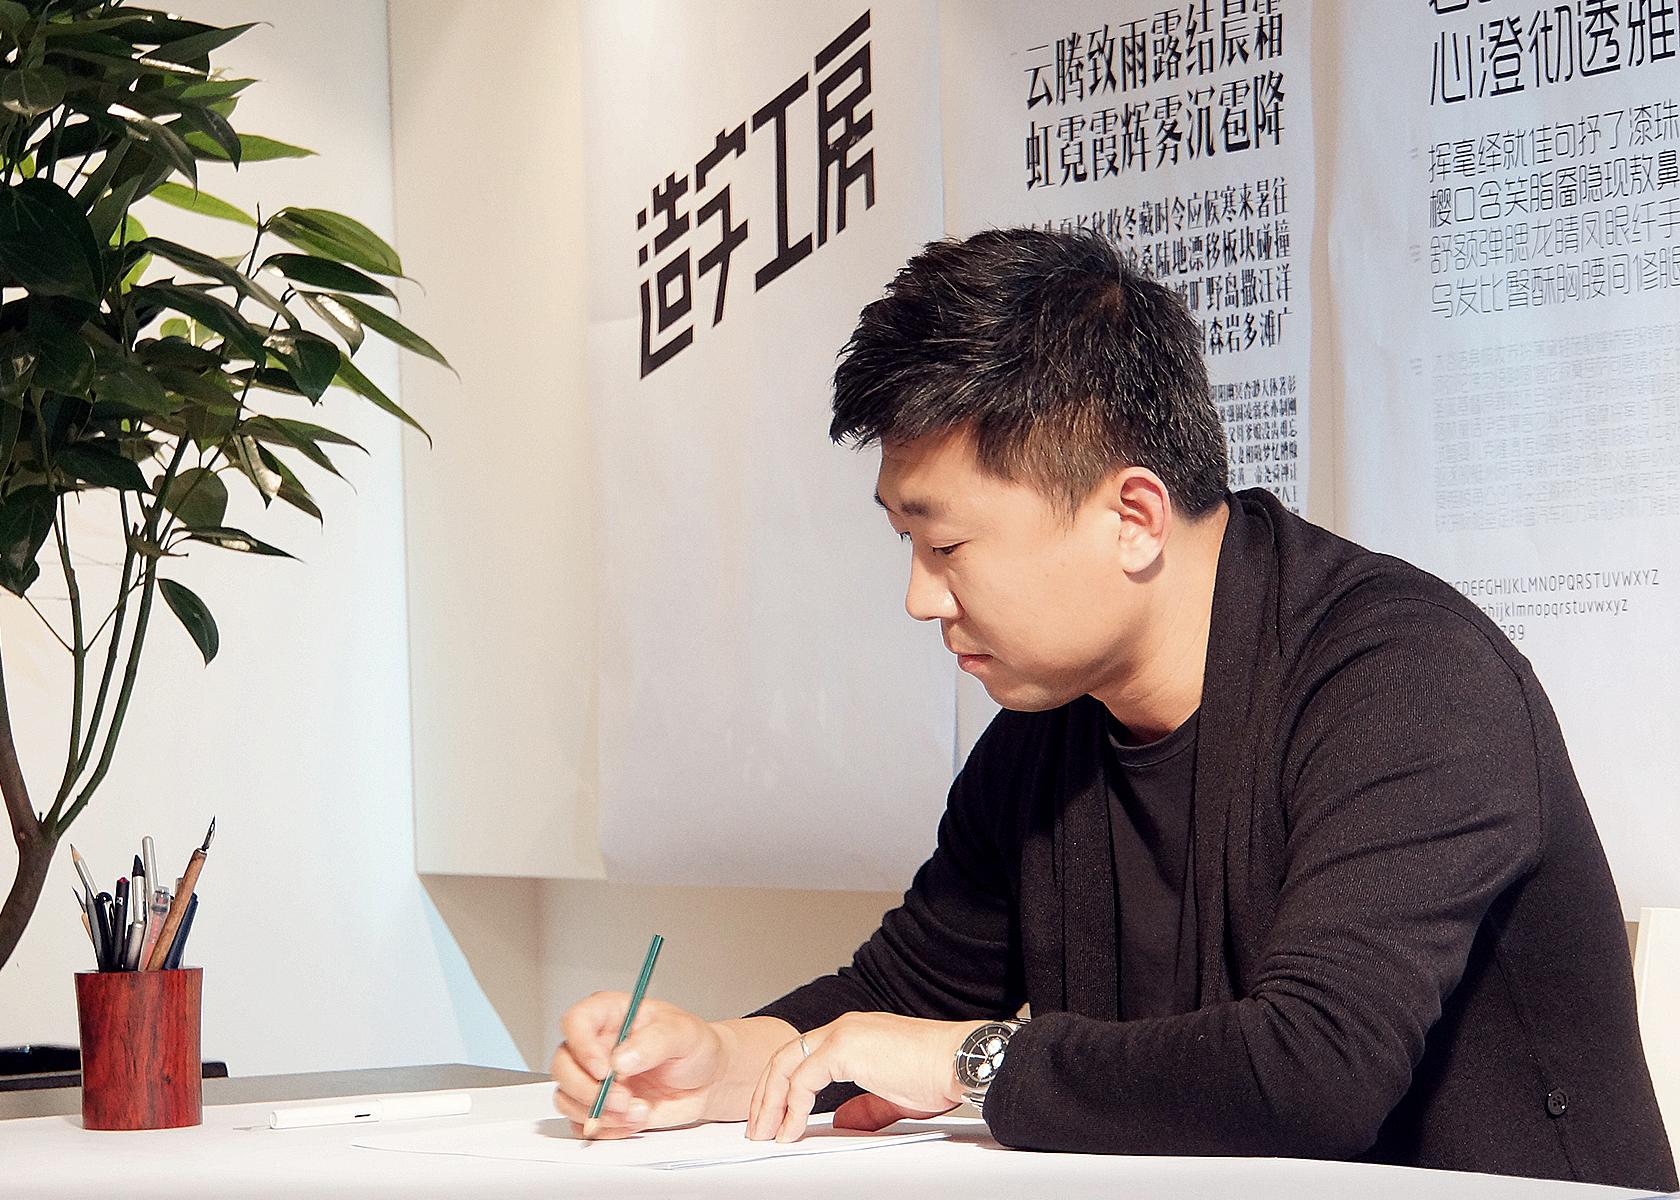 横竖撇捺间找幸福的造字人,上海迪士尼字体